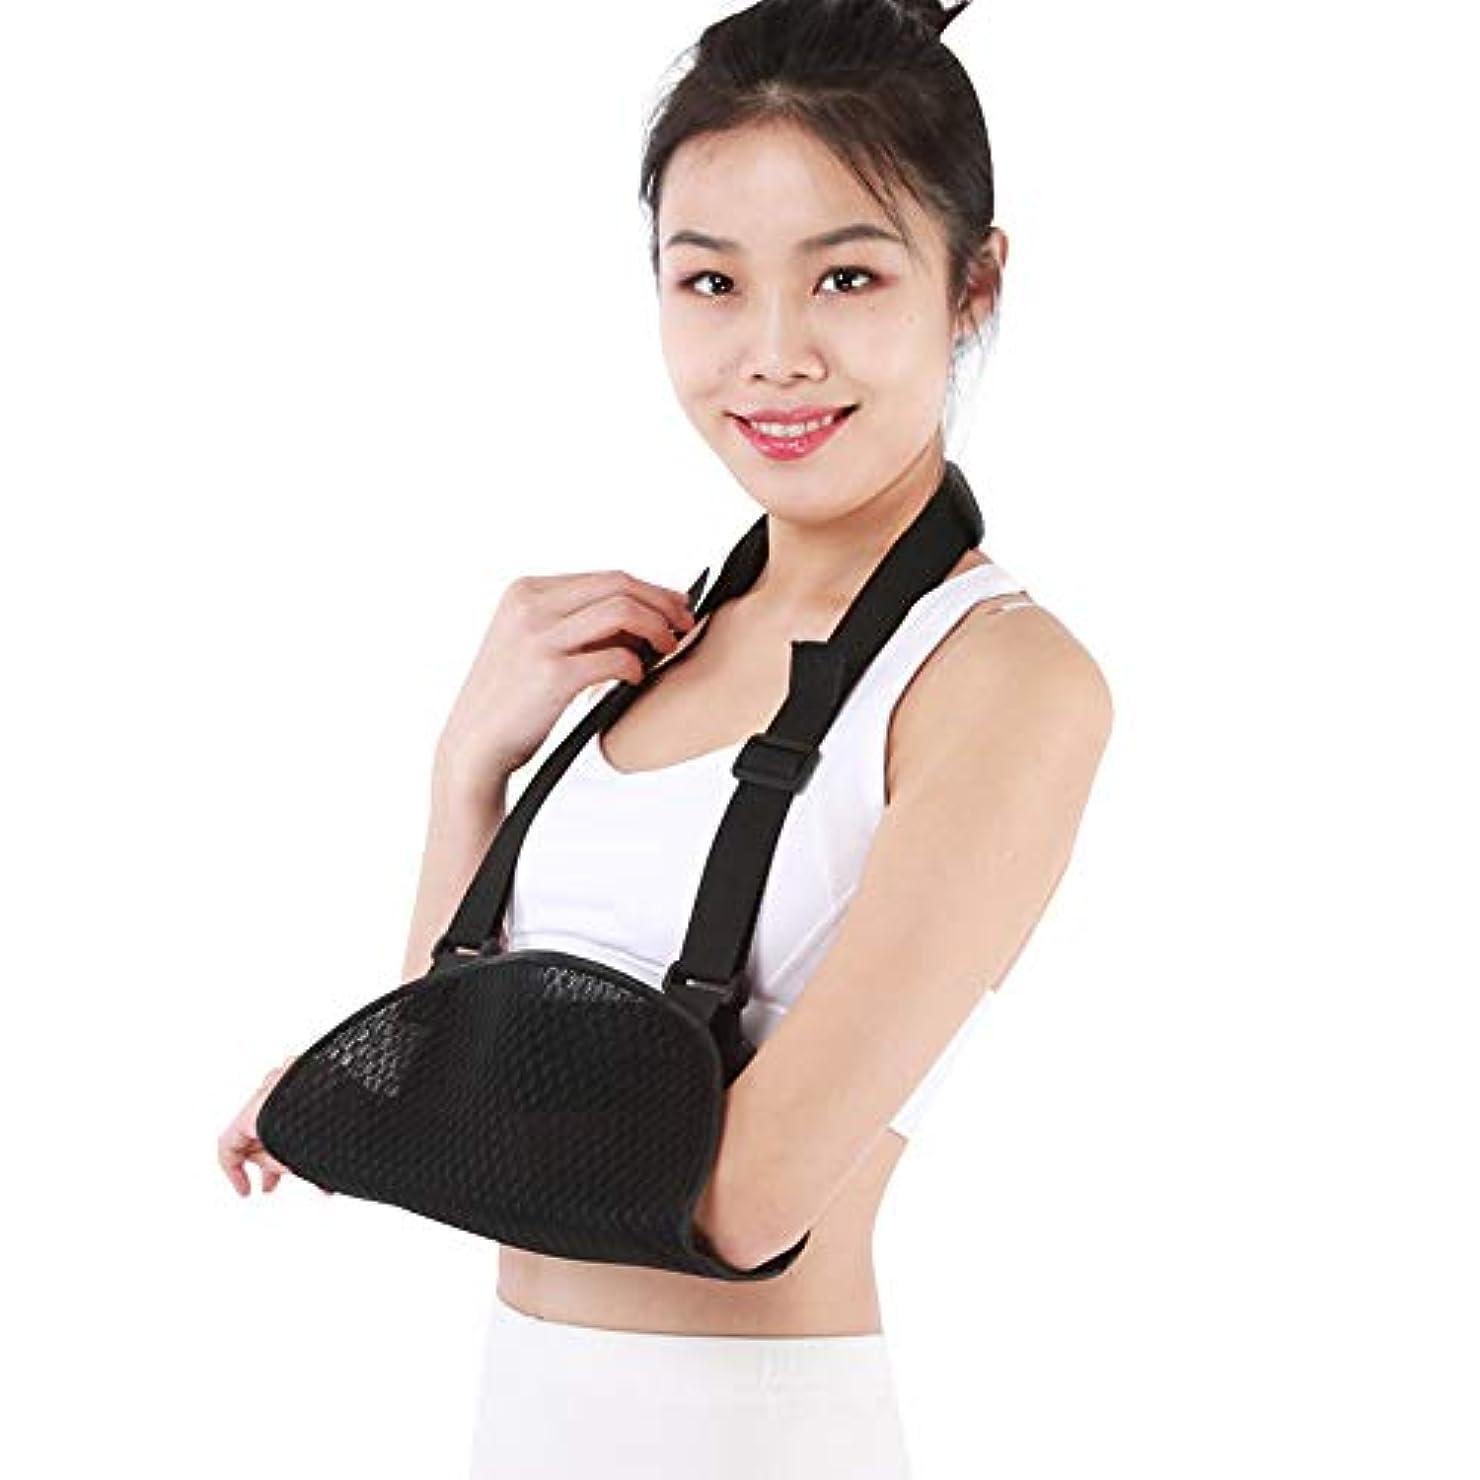 なので安心させるマディソンアームスリングメディカルサポートストラップ、男性用および女性用、肩、腕、肘、回旋腱板痛用の調節可能なスリングを備えた快適なイモビライザー